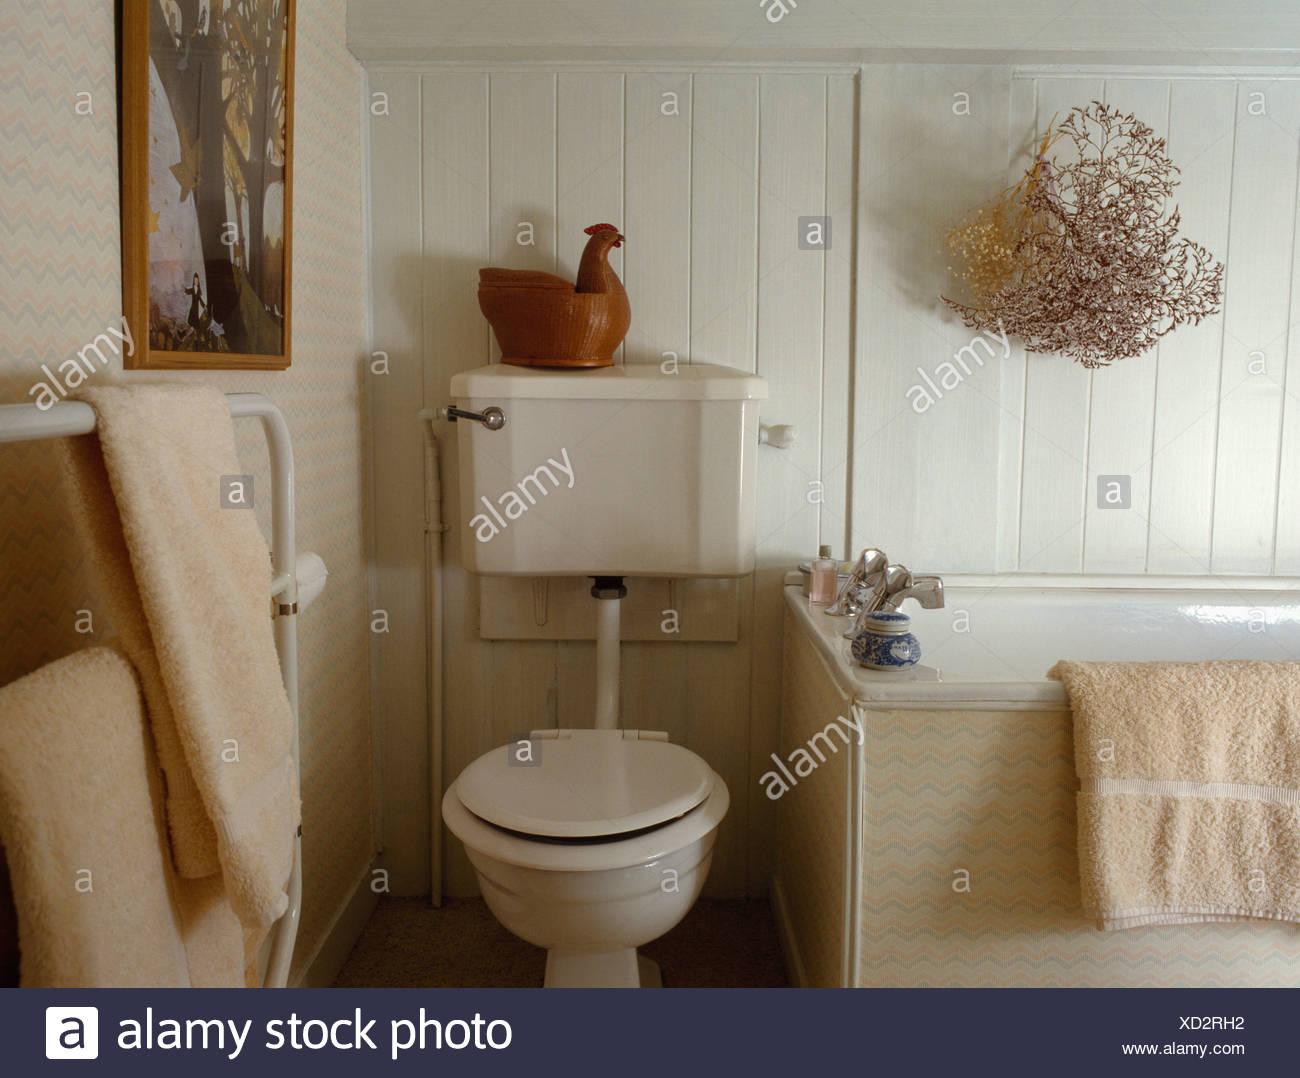 Bagno Beige Piccolo : Il beige wc nel piccolo bagno con secchi corallo sulla carenatura